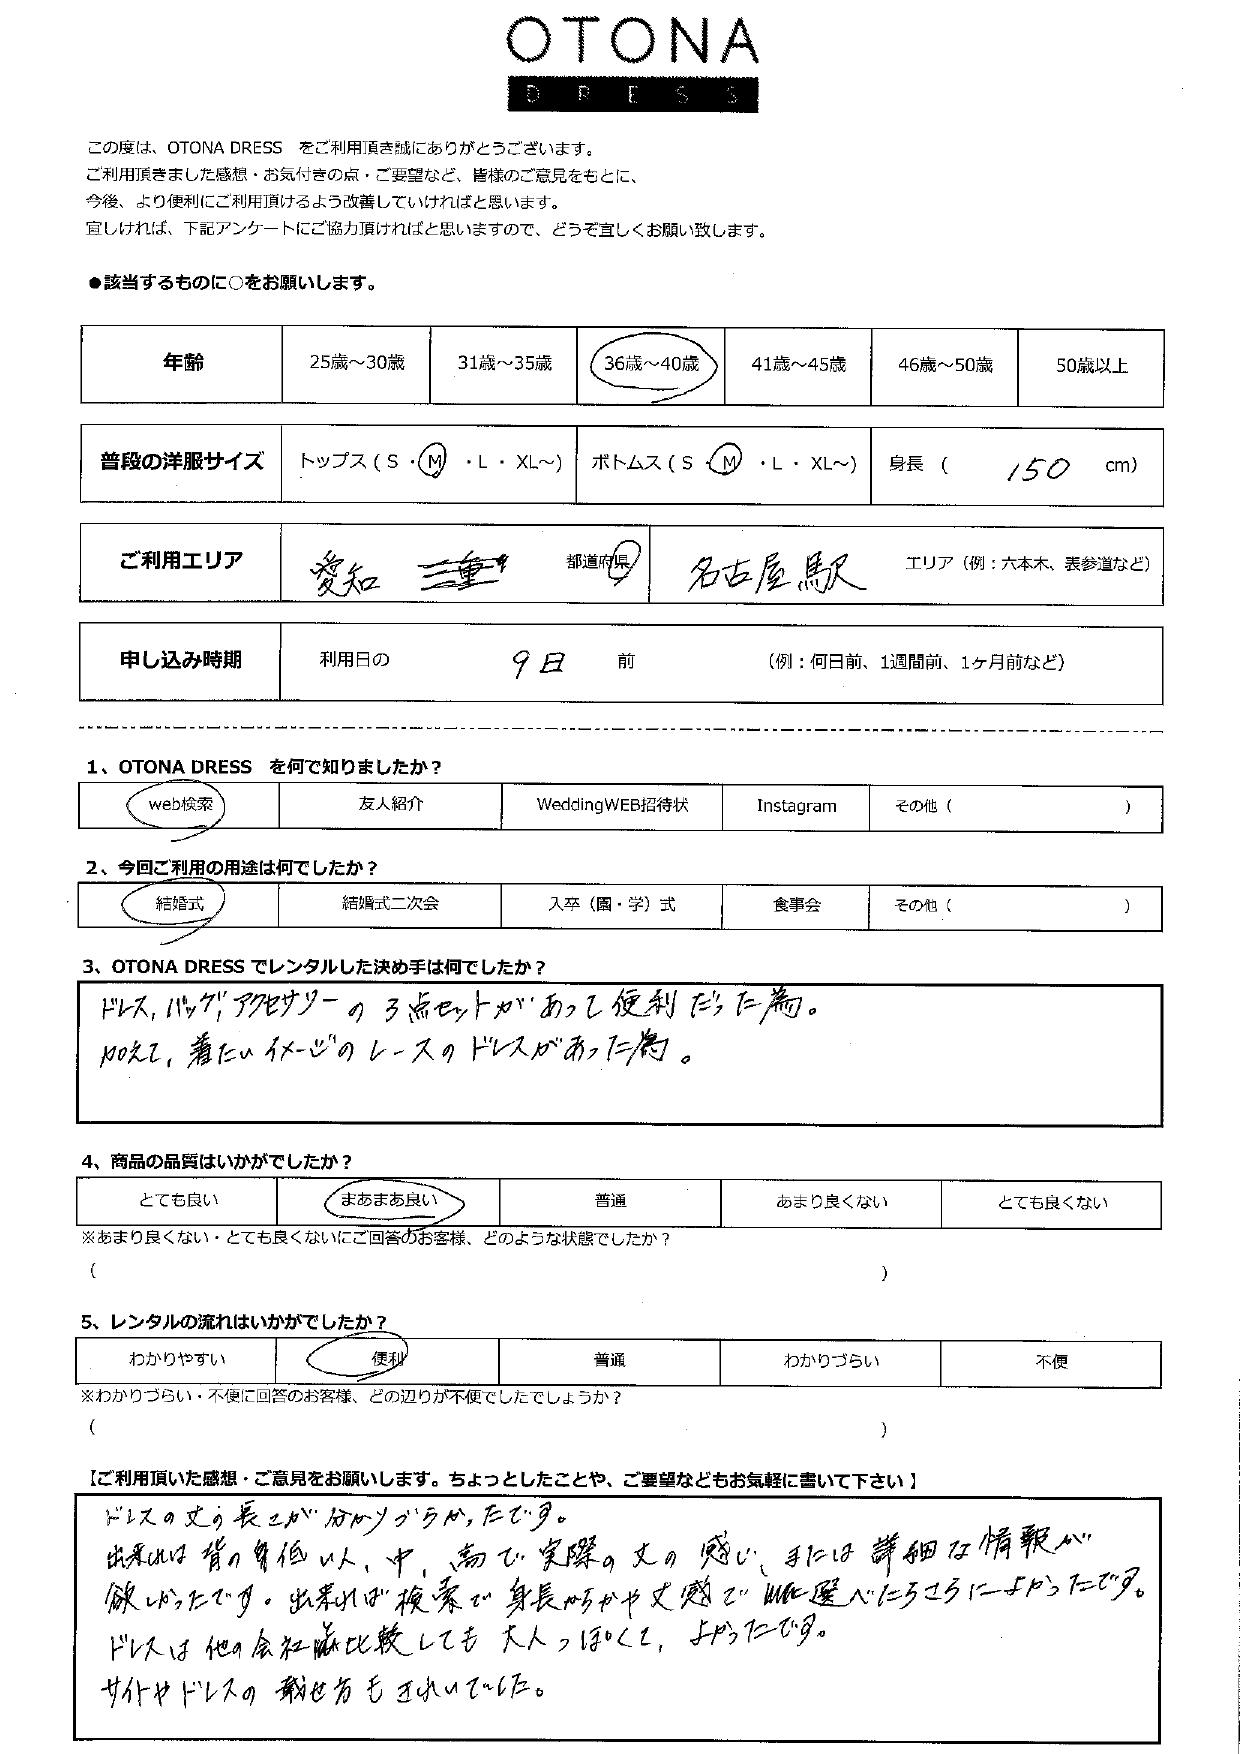 7/24結婚式ご利用 愛知・名古屋駅エリア